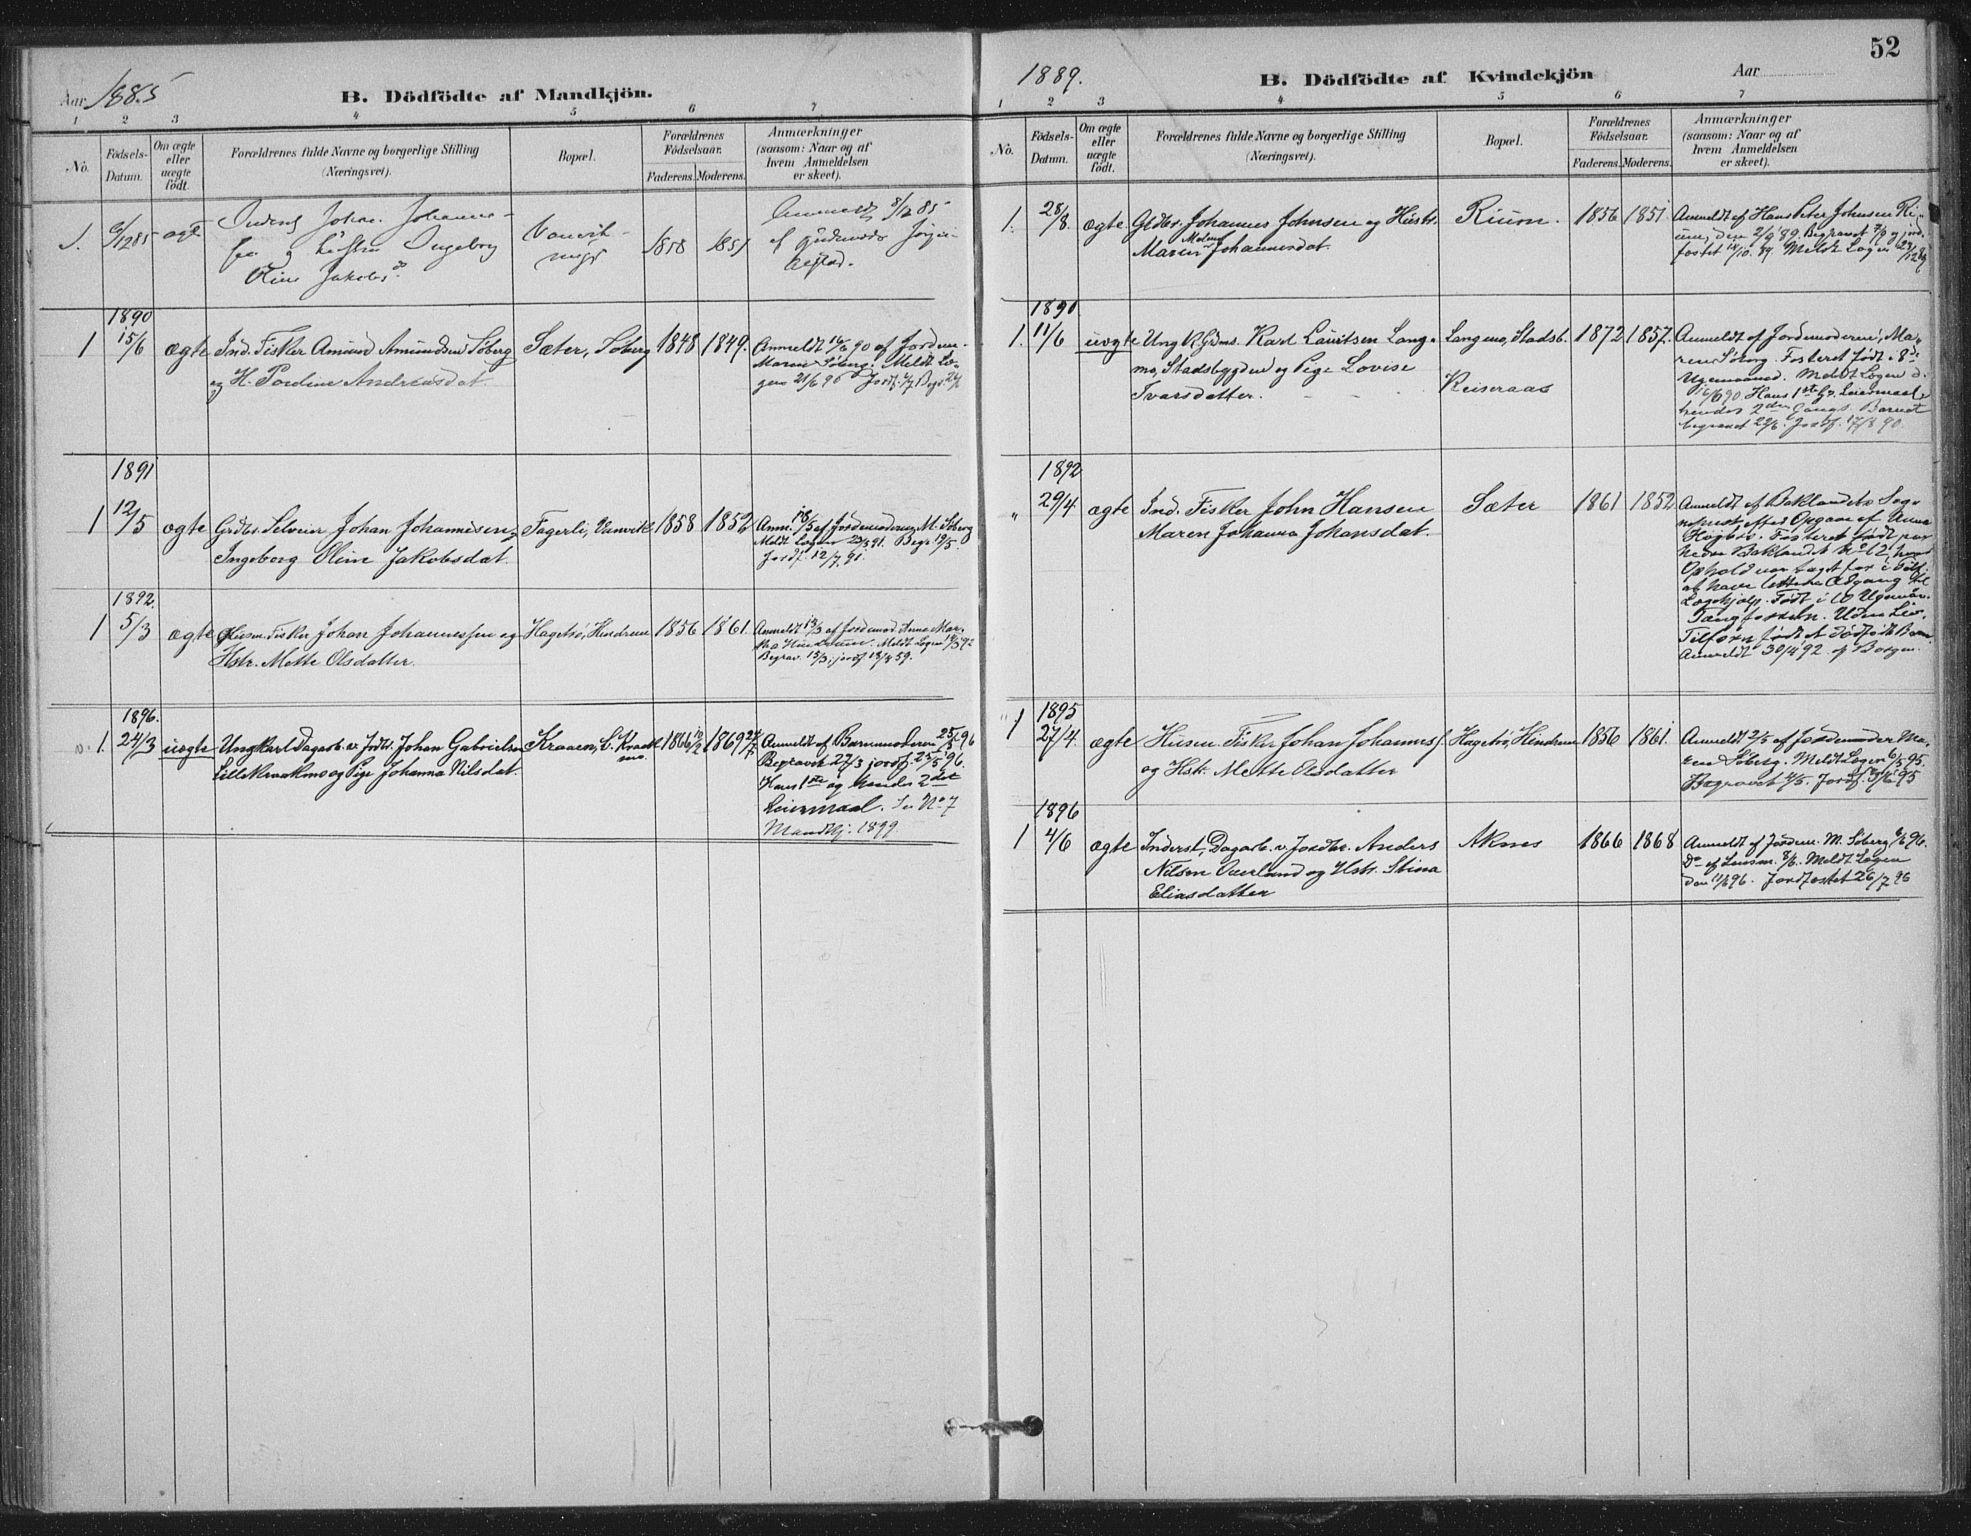 SAT, Ministerialprotokoller, klokkerbøker og fødselsregistre - Nord-Trøndelag, 702/L0023: Ministerialbok nr. 702A01, 1883-1897, s. 52